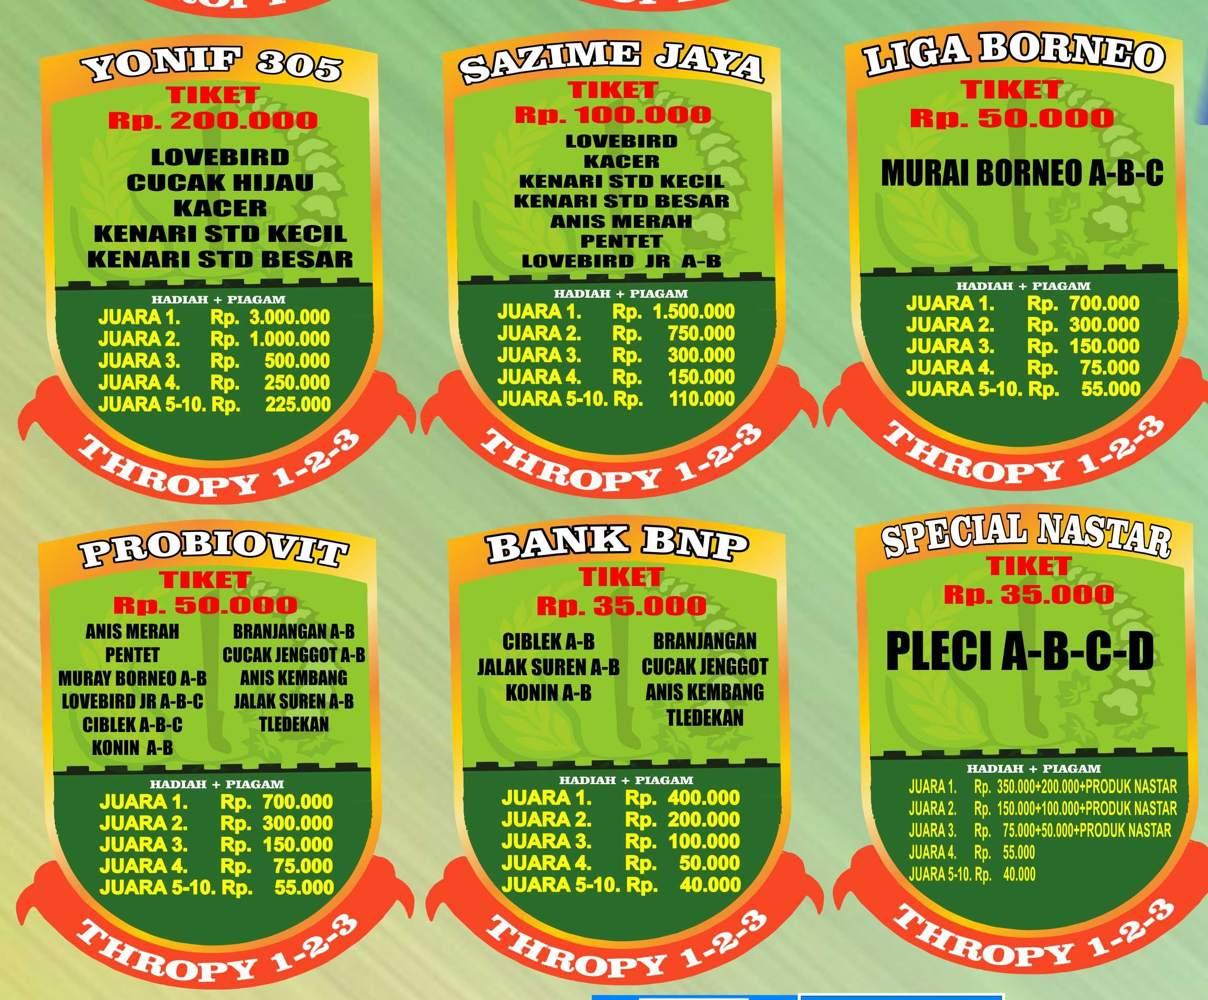 brosur pangkal pejuang cup karawang-crop1